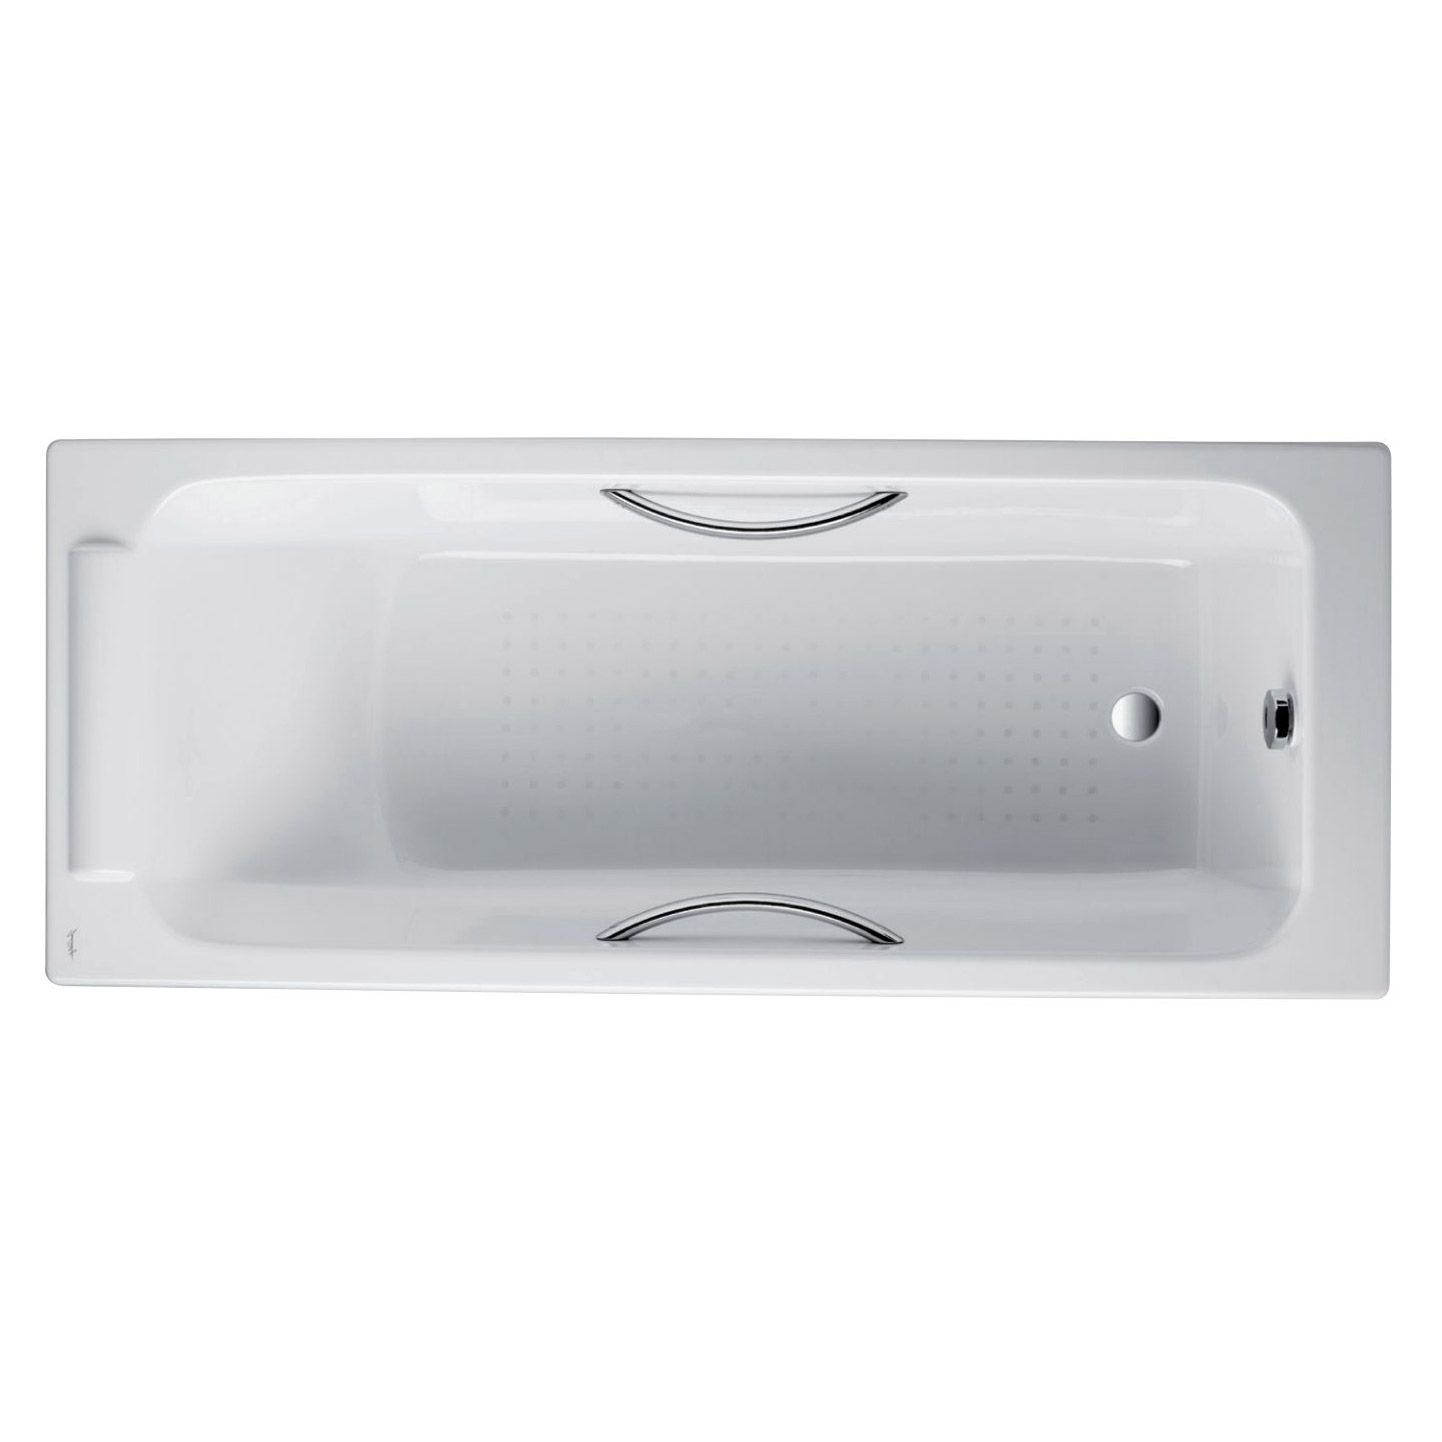 Купить Чугунная ванна Jacob Delafon Parallel 150x70 см, Франция, белый, чугун